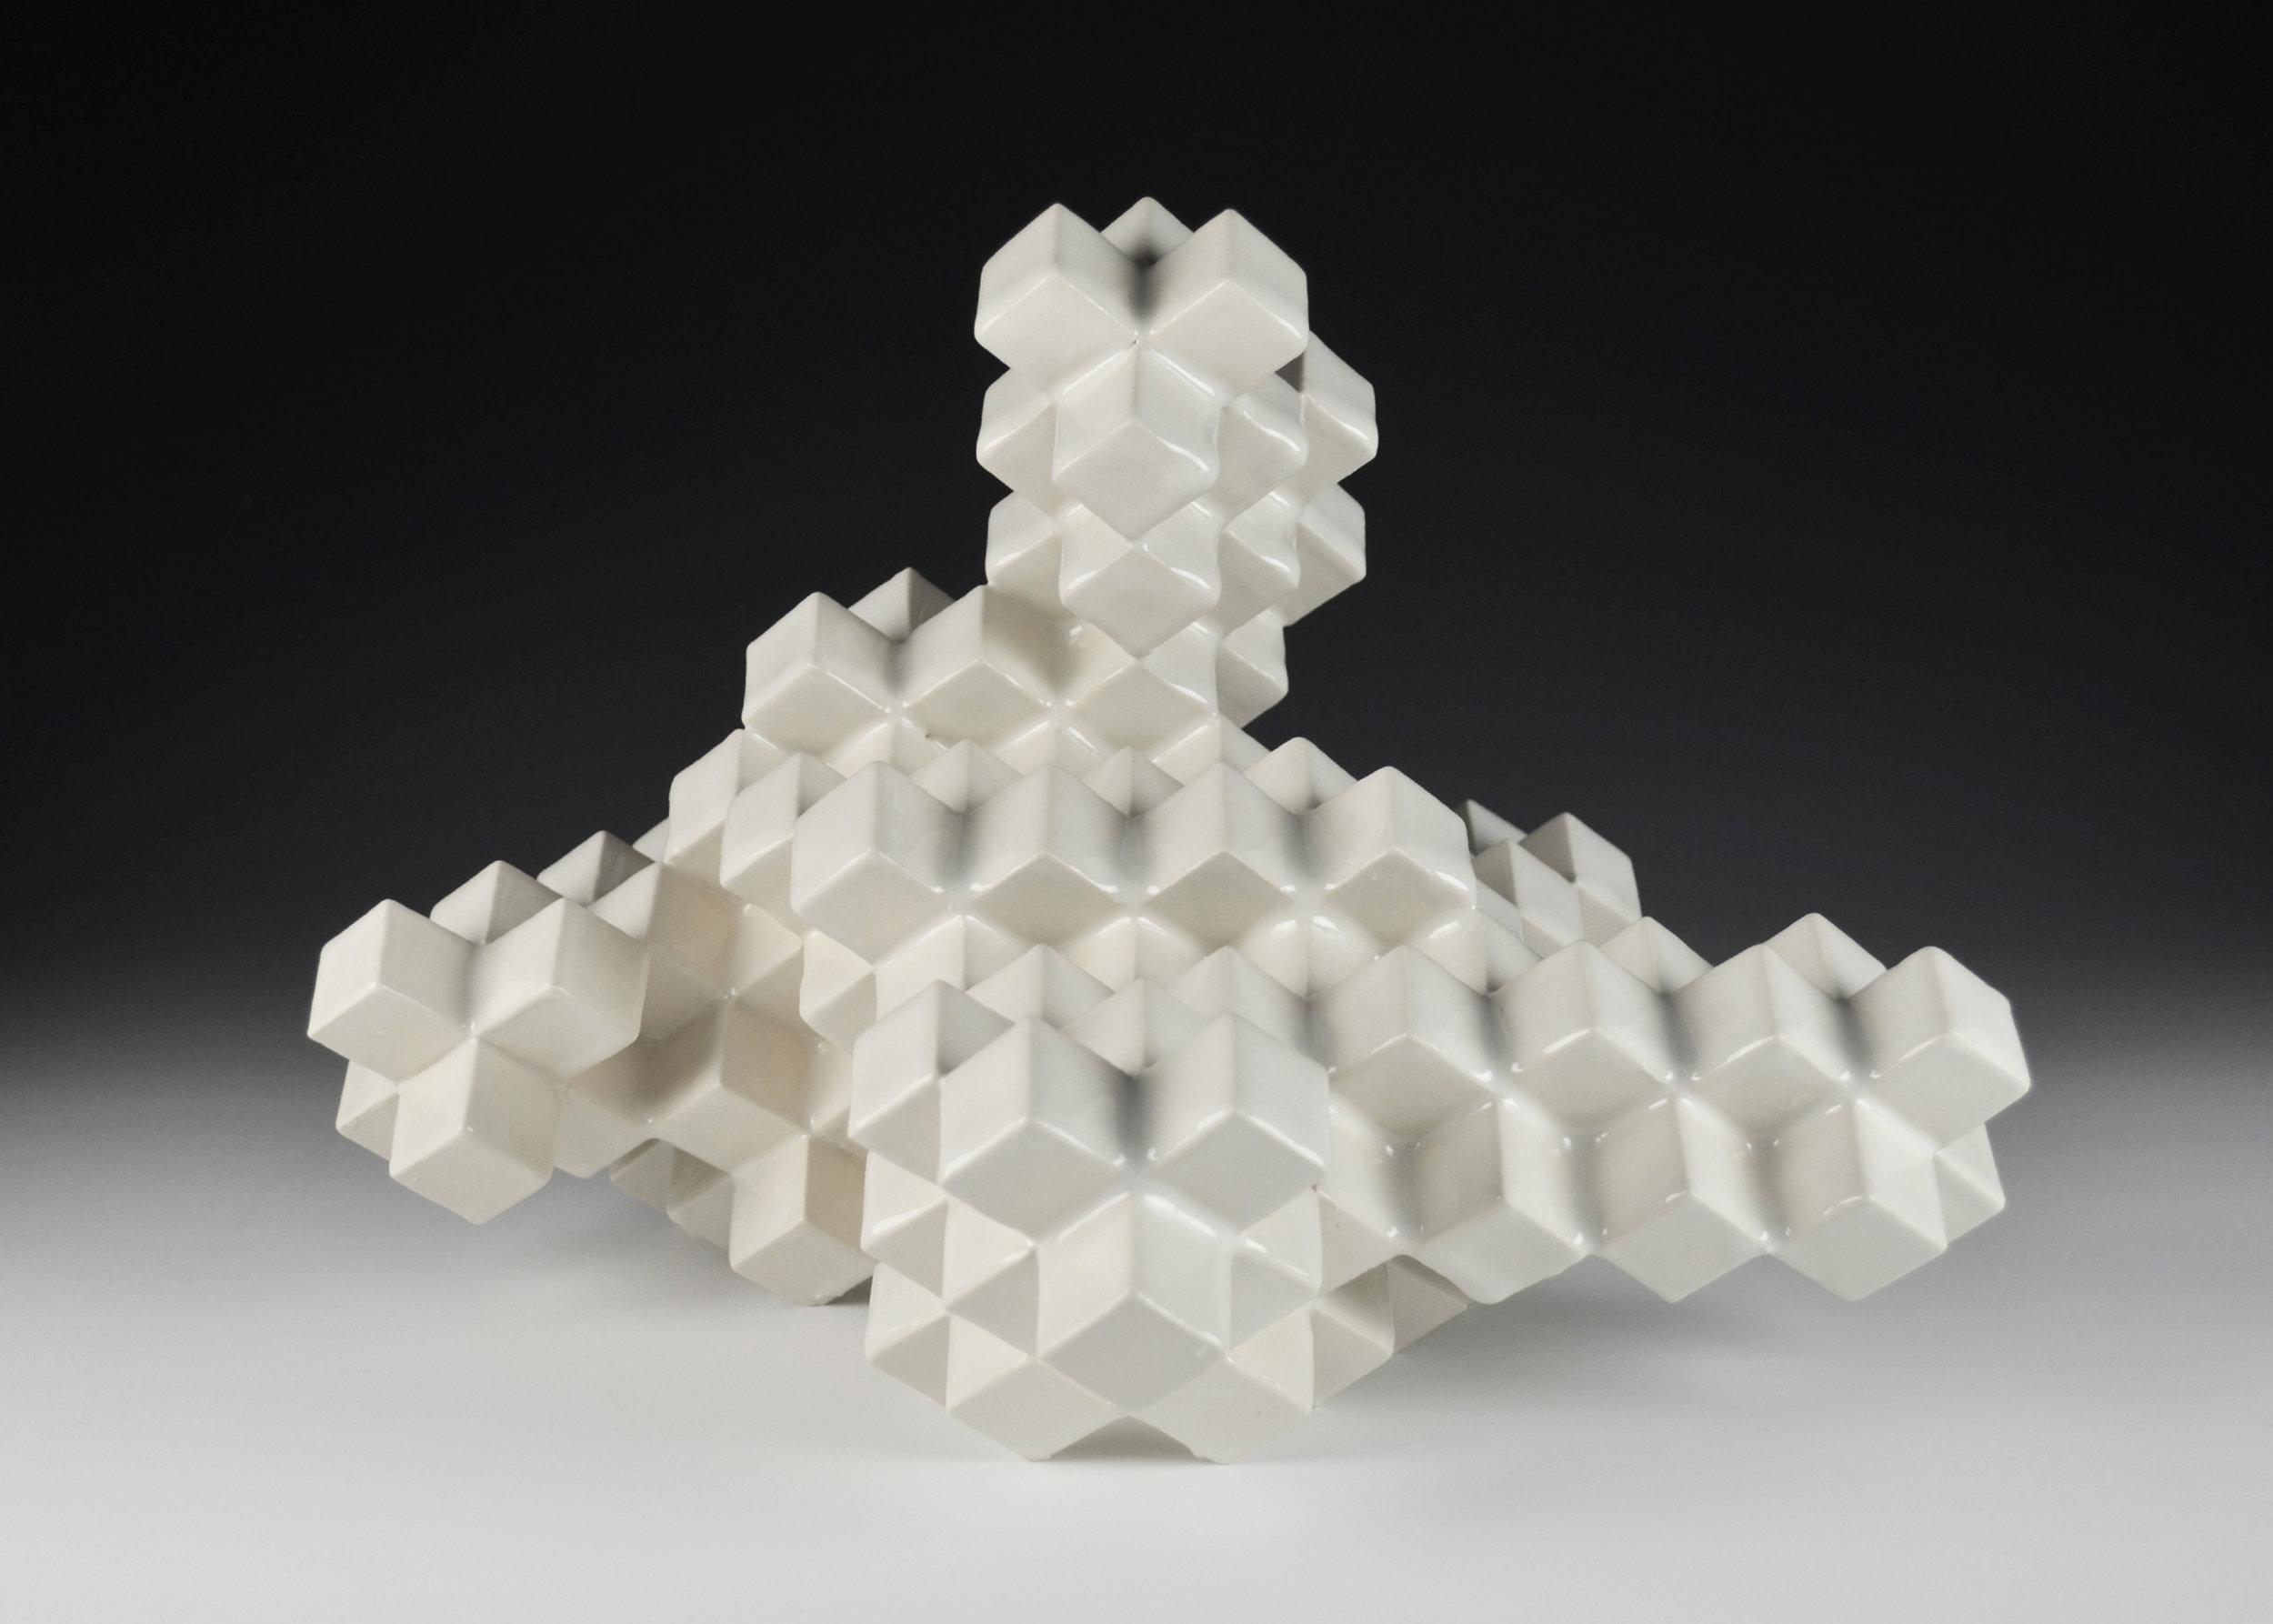 Cubic Series: Construction VII  |  11 x 10 x 11 inches  |  Porcelain, Glaze  |  2017